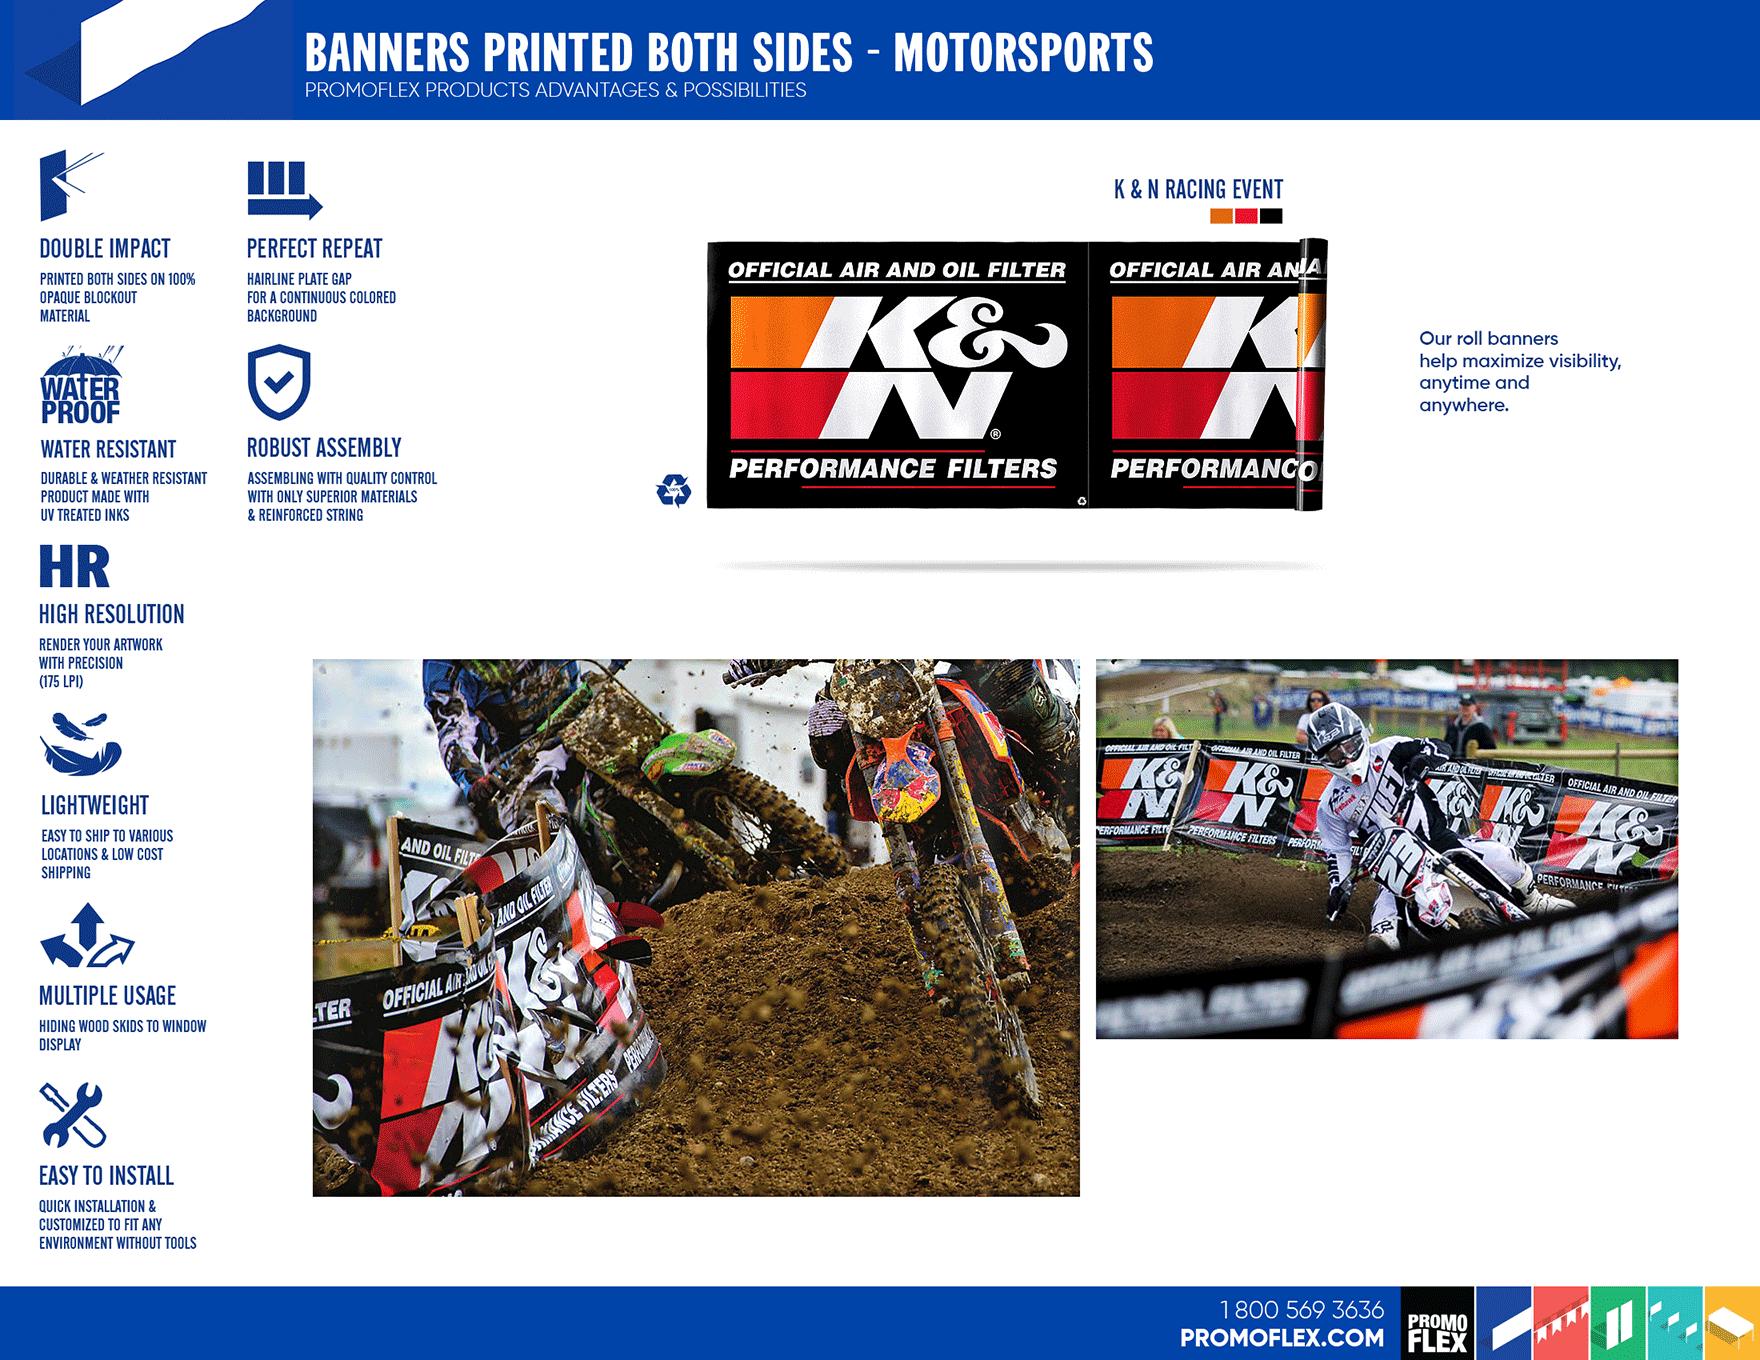 banners-printed-both-sides-motorsports-en.png (558 KB)